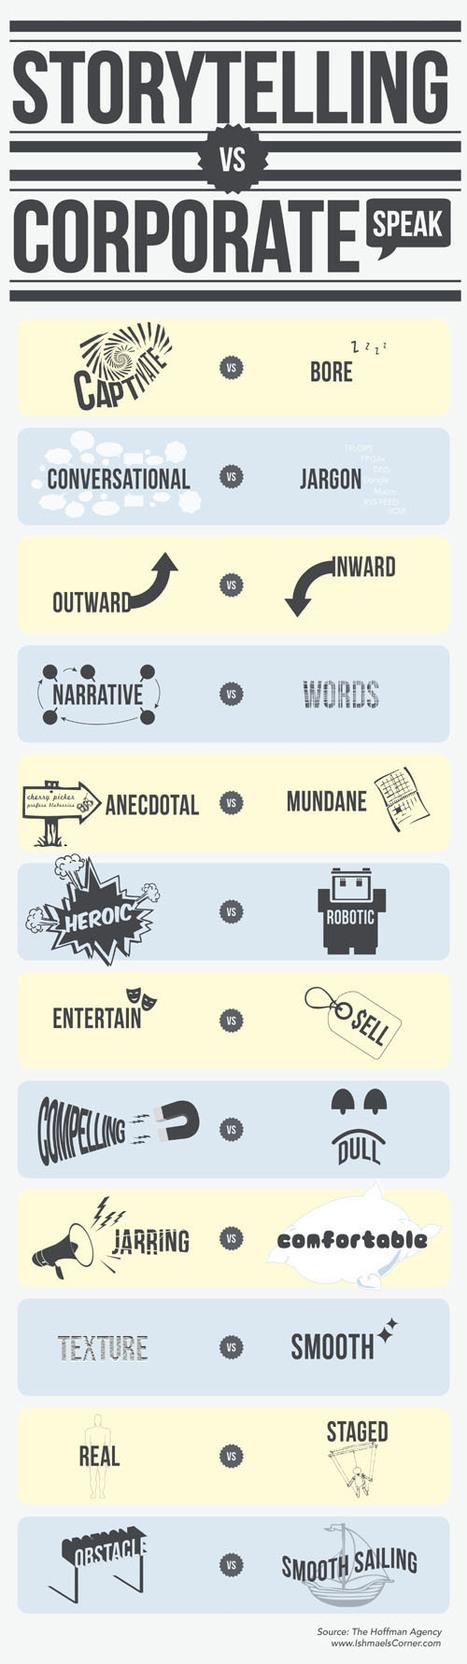 Storytelling Vs. Corporate Speak | Marketing&Advertising | Scoop.it